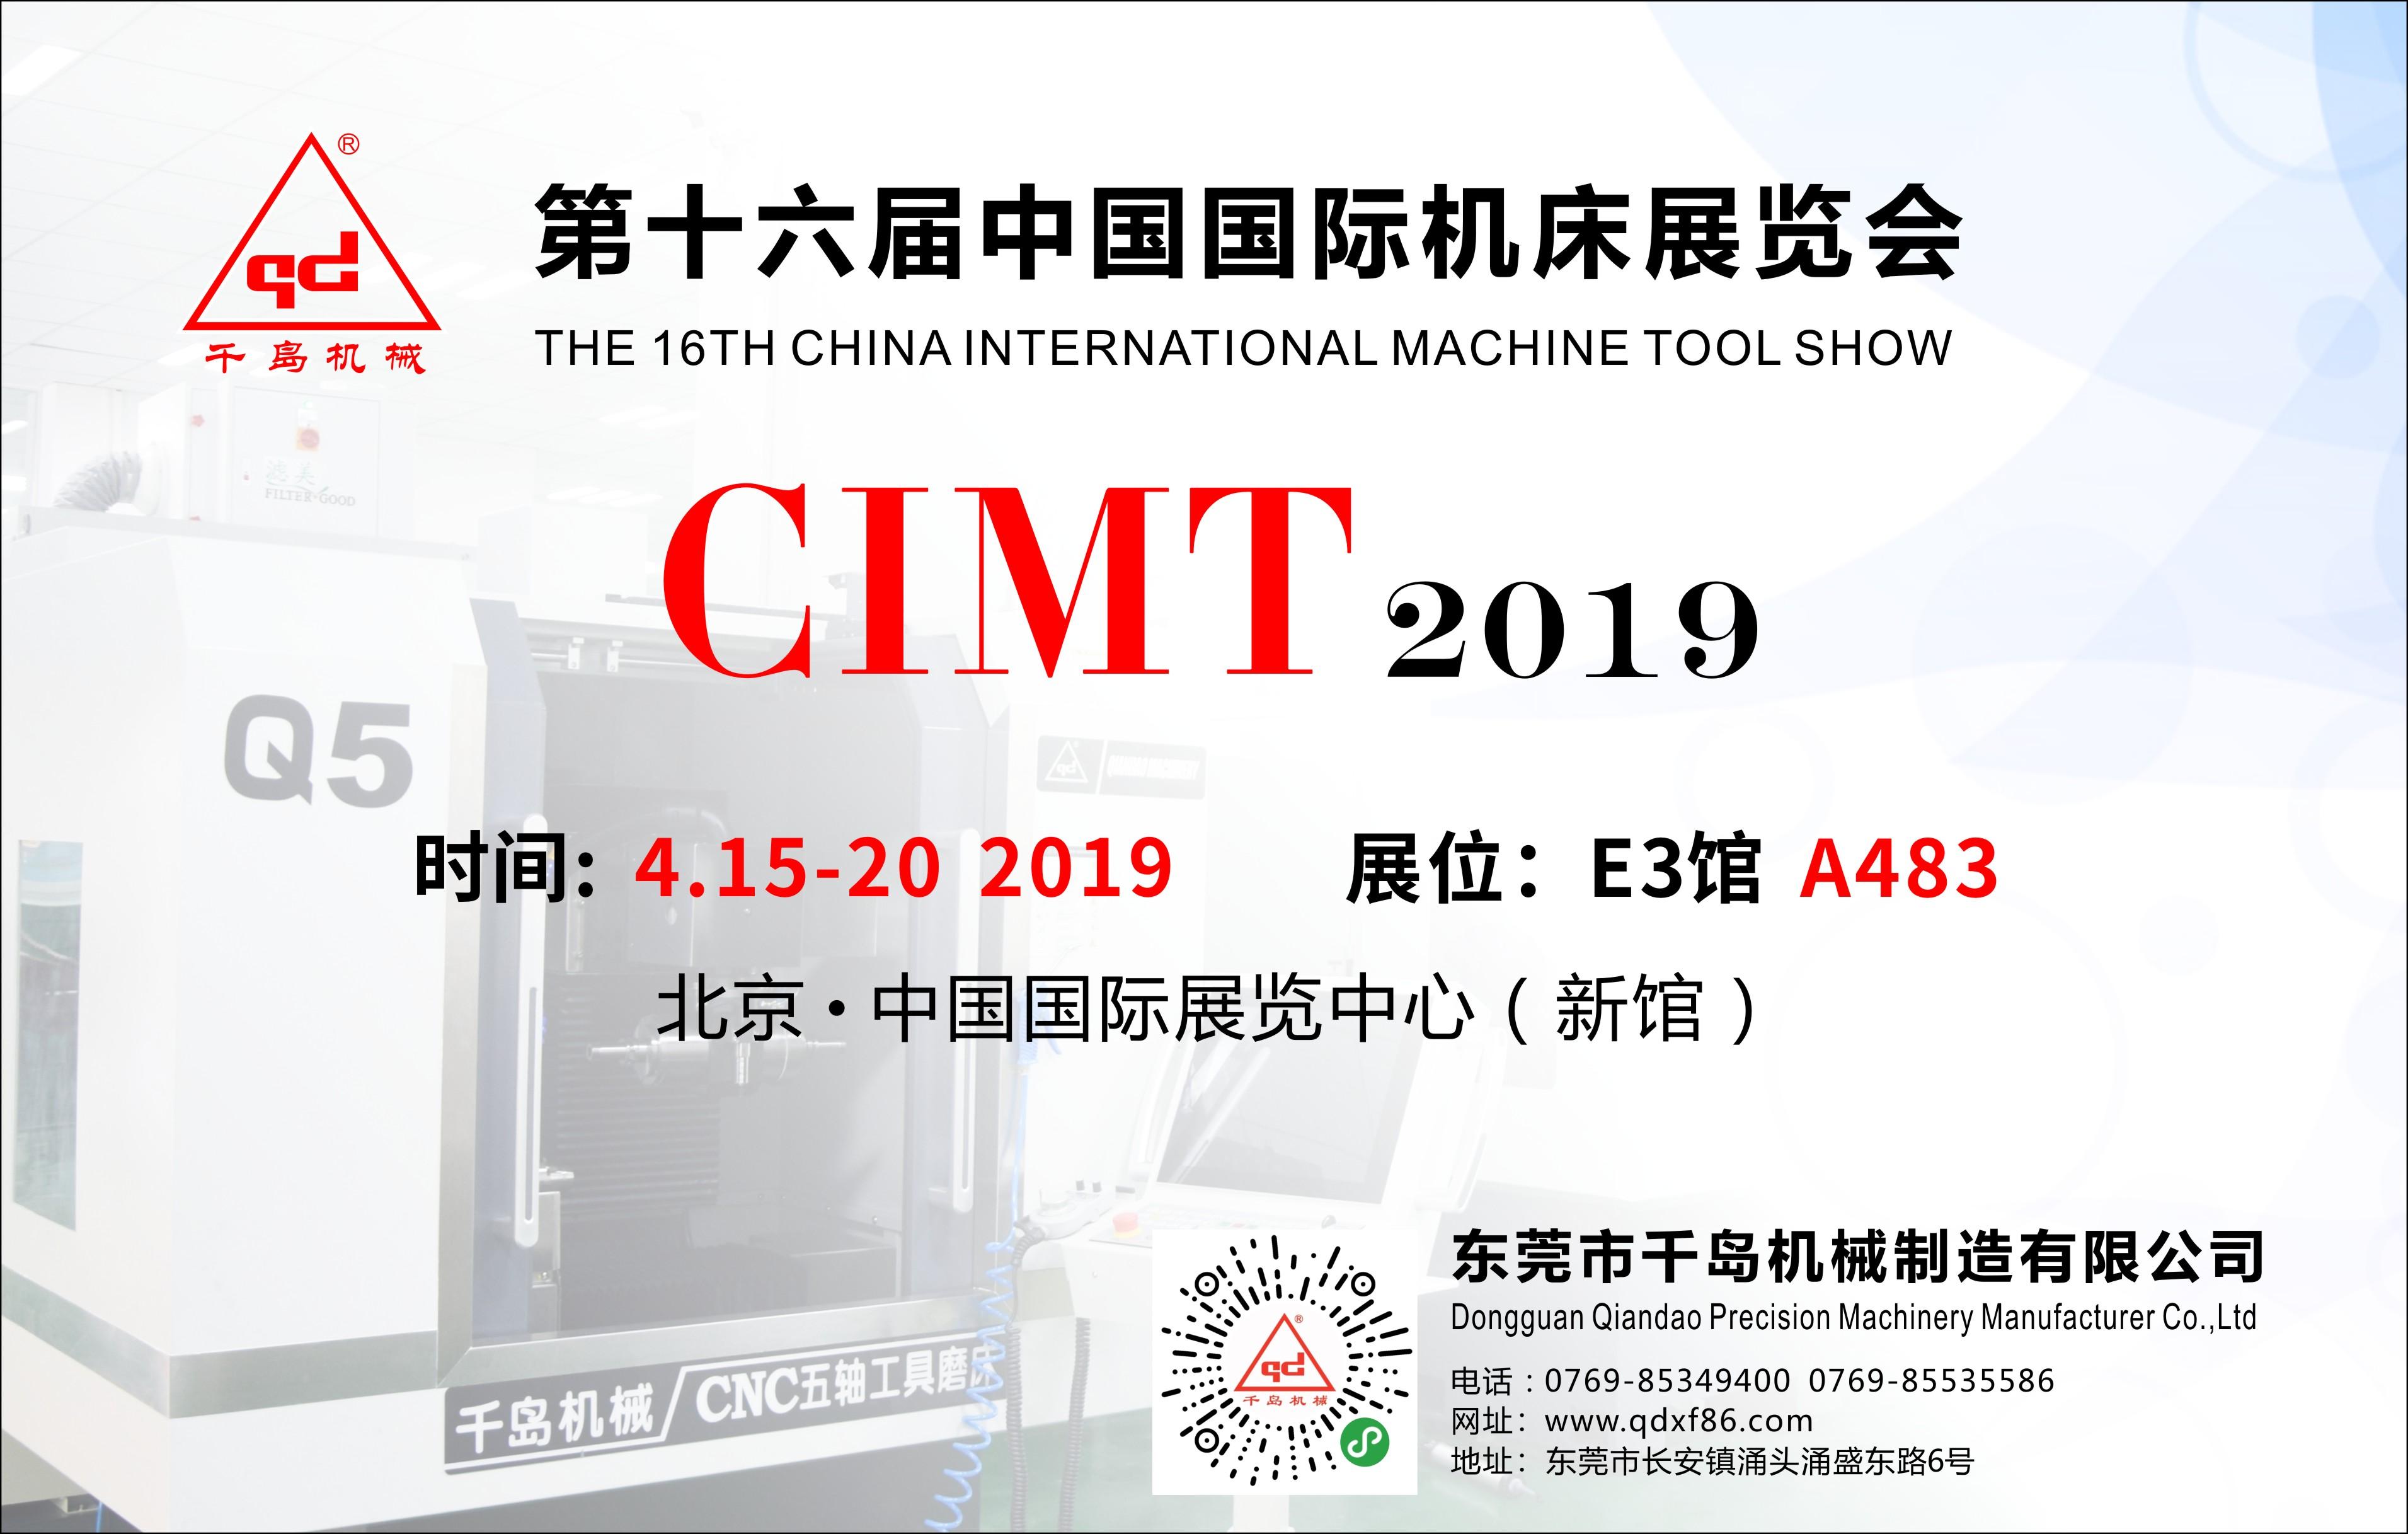 千岛机械-第十六届中国国际机床展览会